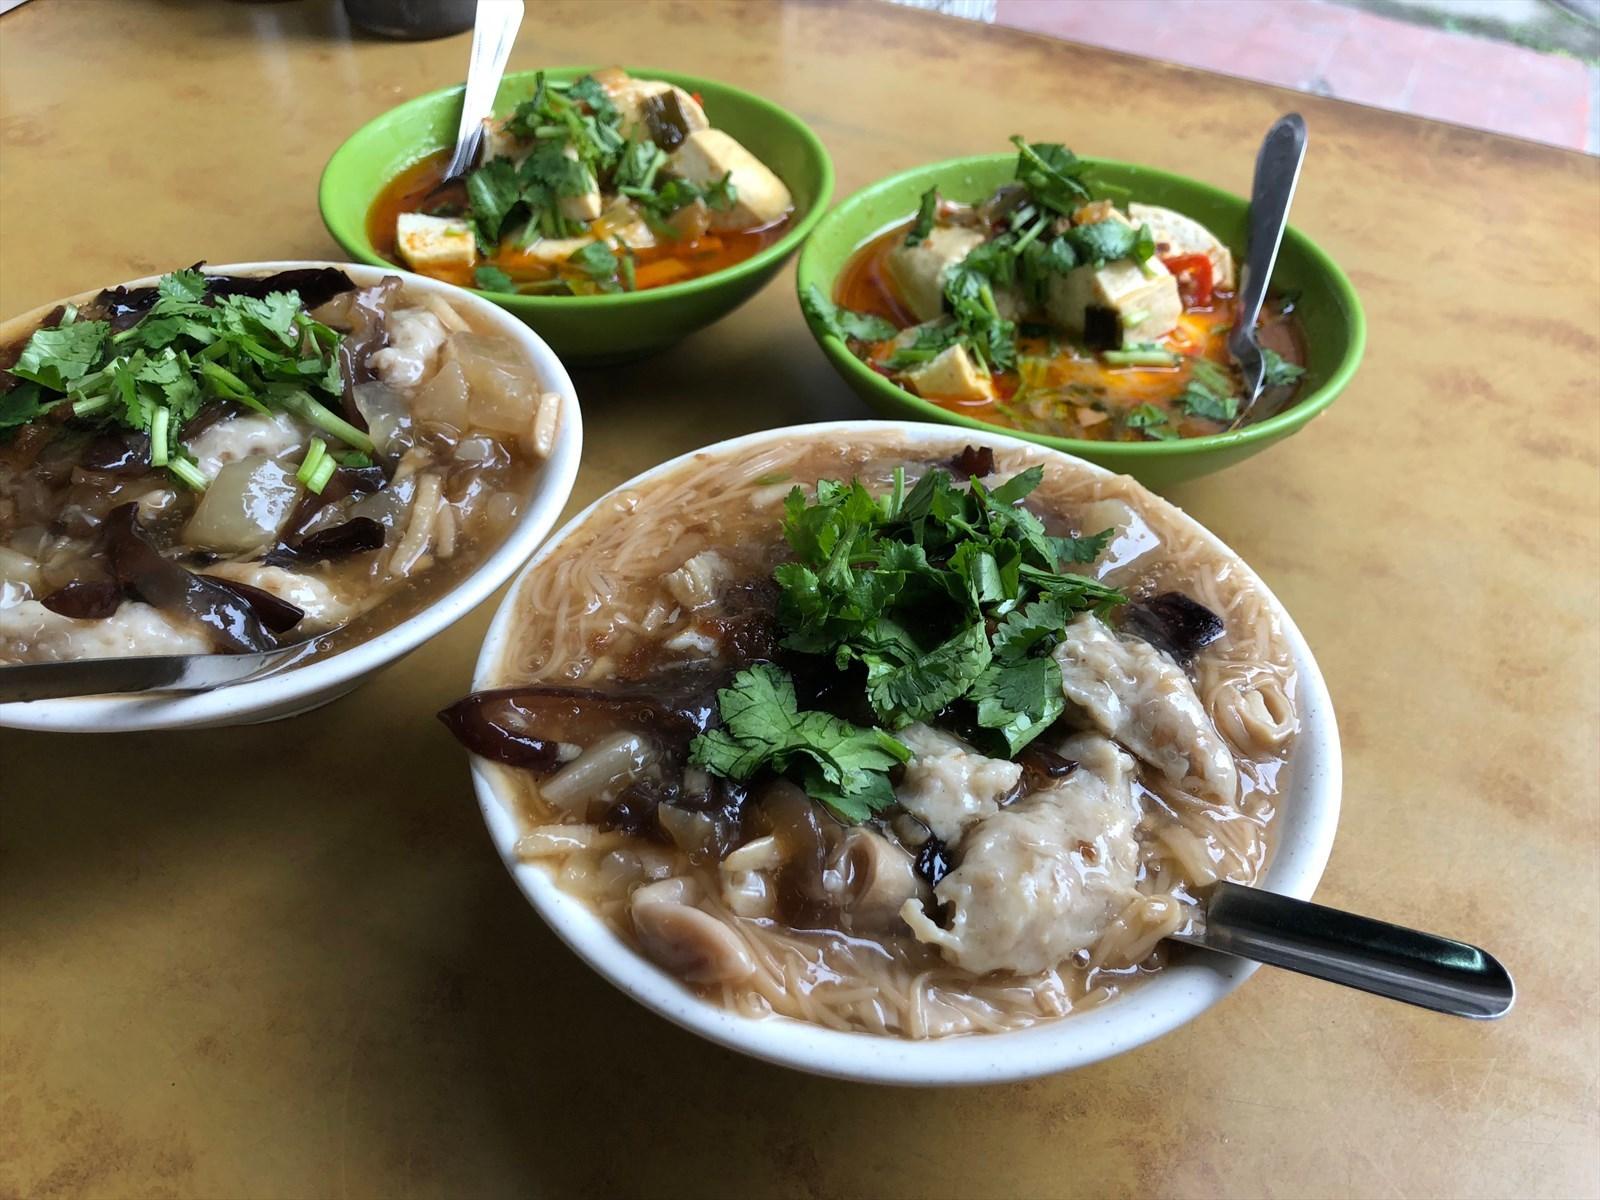 肉羹臭豆腐料多澎湃CP 值破表台北铜板排队美食同安街面线羹